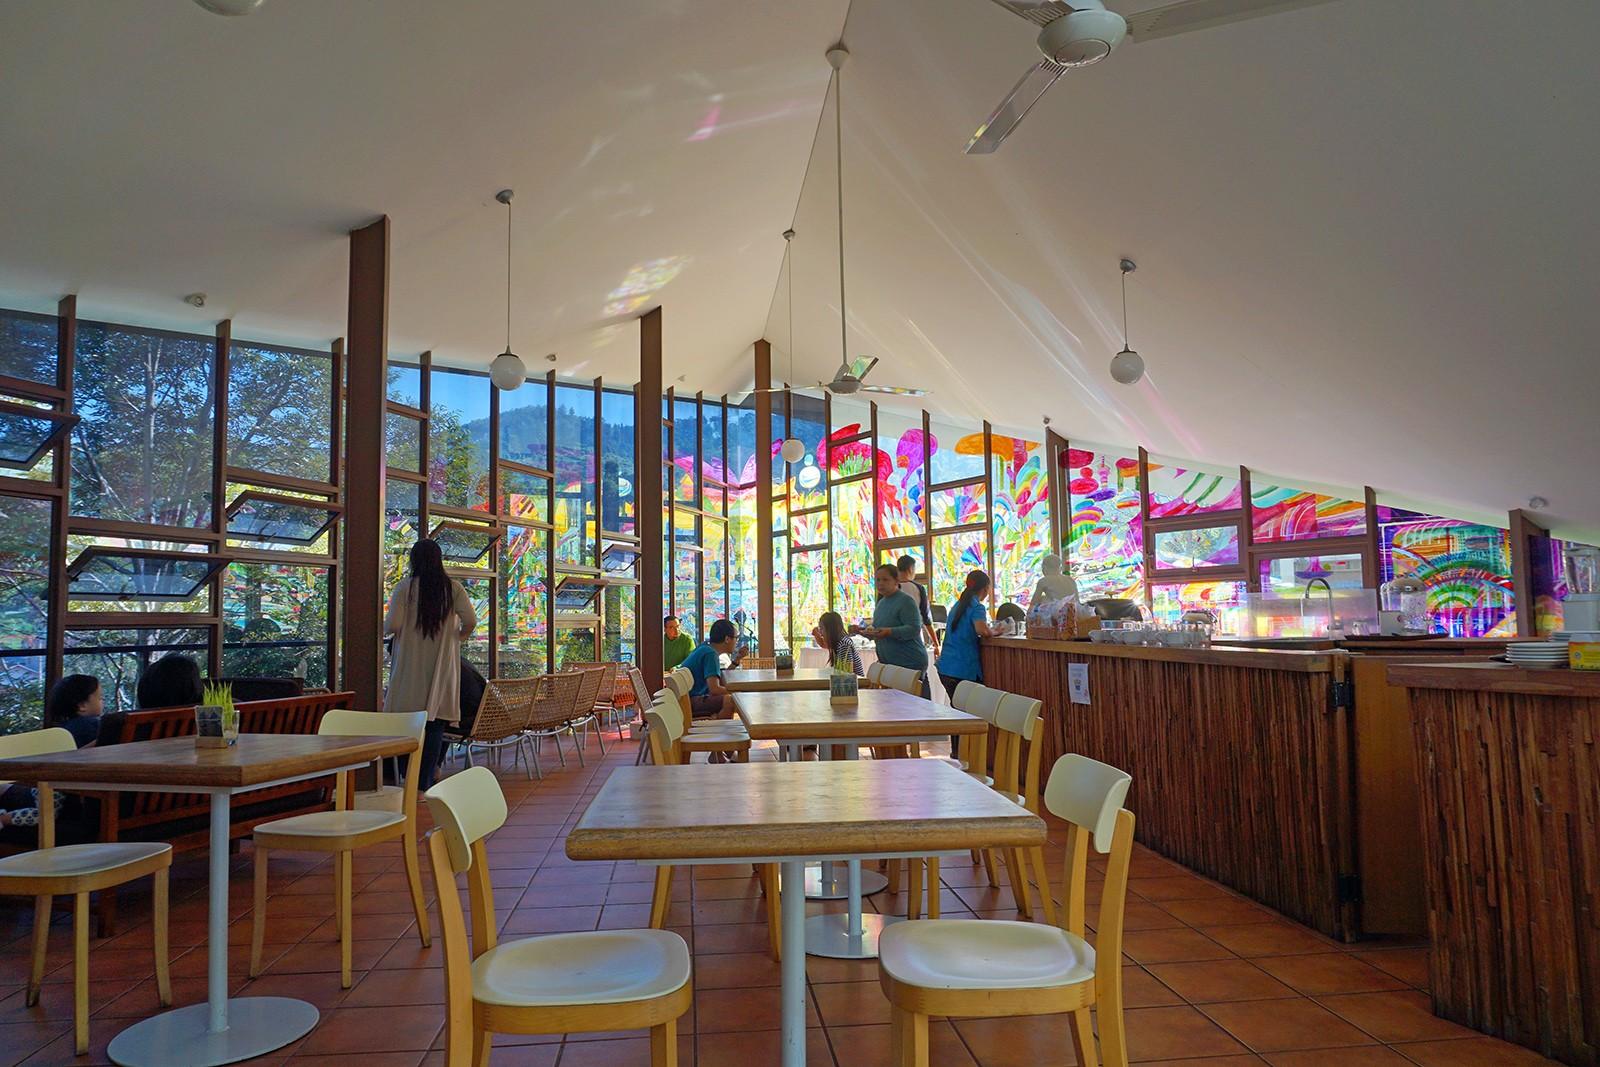 Cafe warung salse Warung Salse cafe